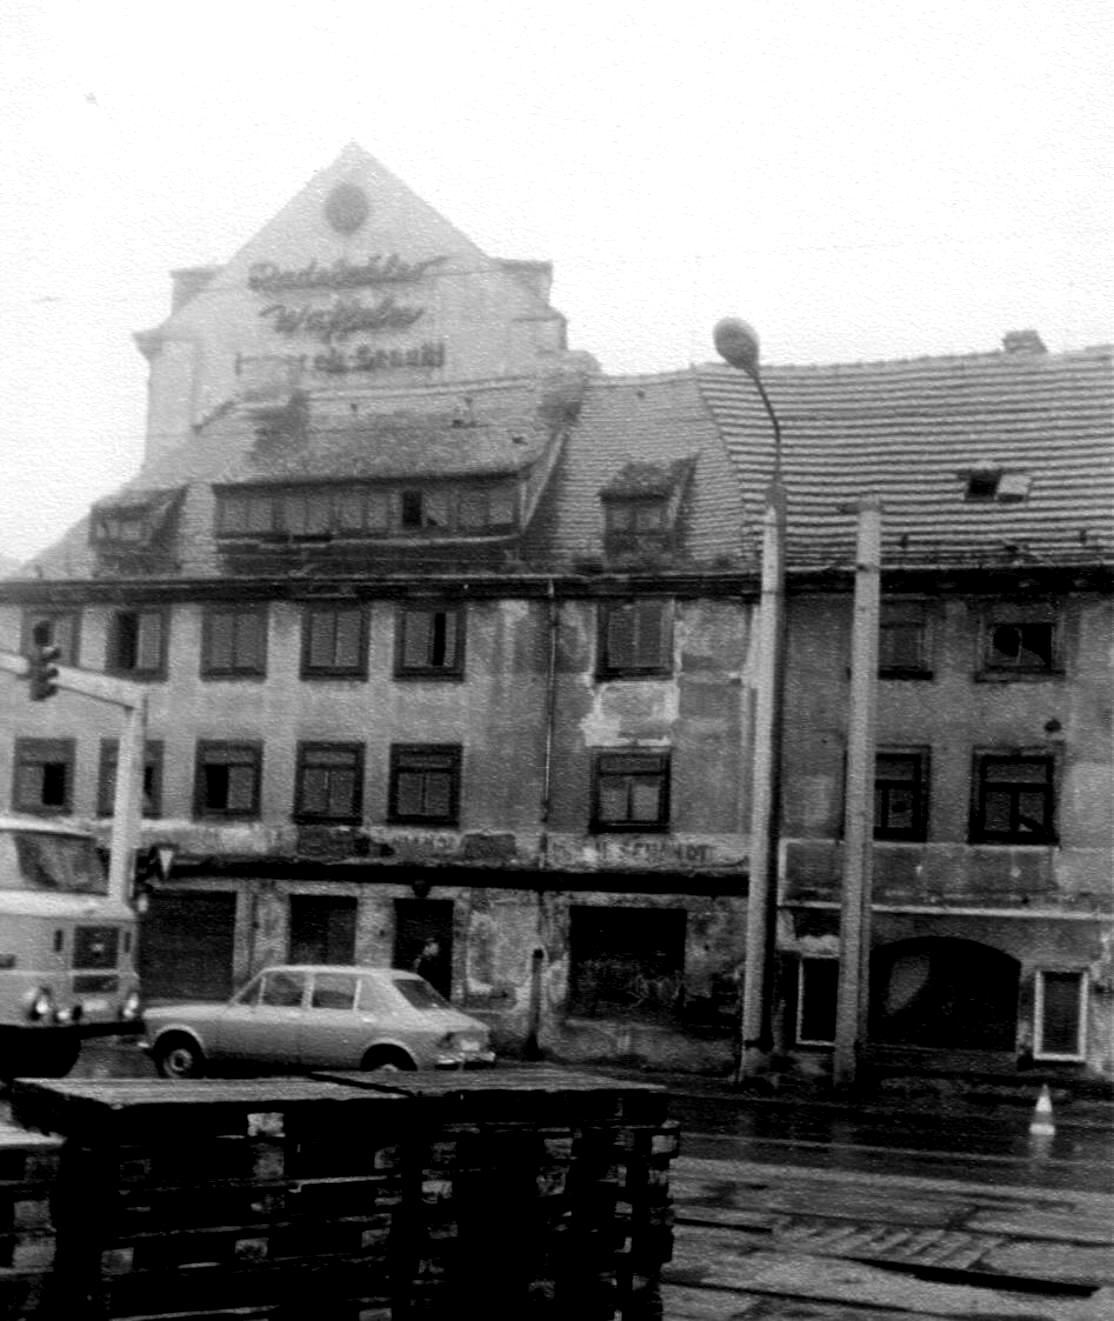 Dresden_1985_Sch%C3%A4fer-Wei%C3%9Feritz-003.jpg